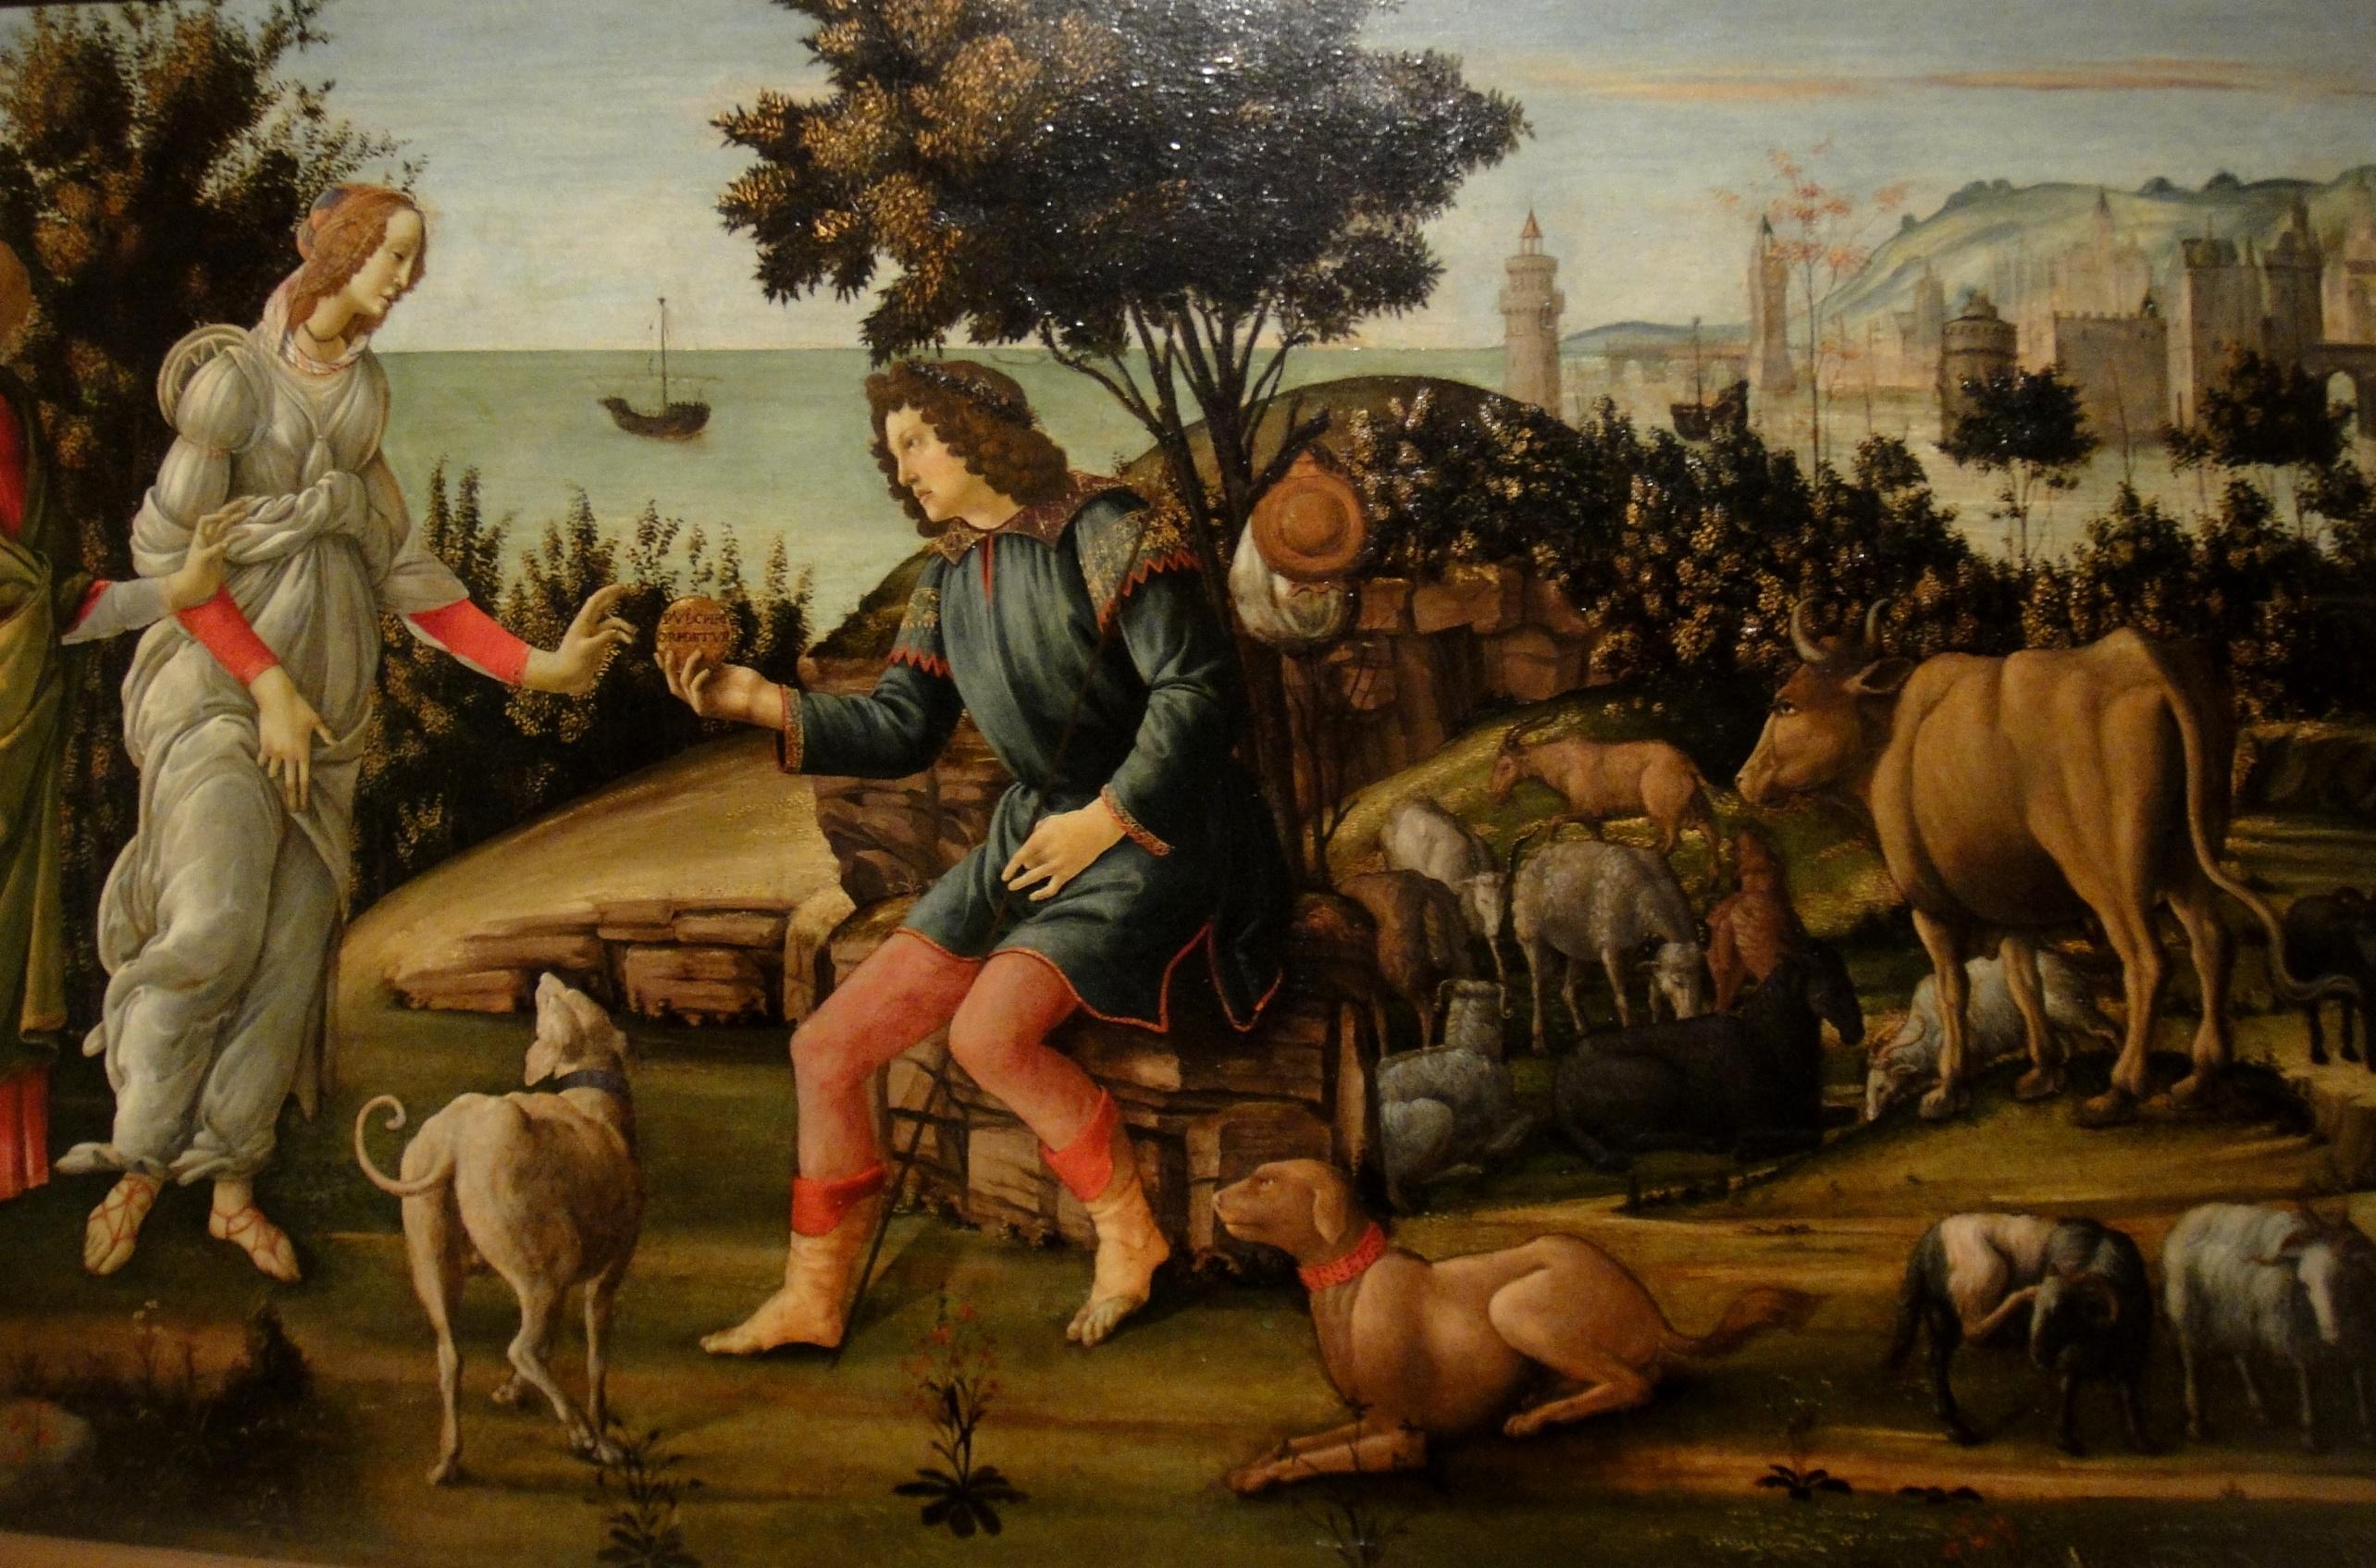 Боттичелли и поиск божественного.Выставка работ Сандро Боттичелли в Музее Изящных Искусств Бостона